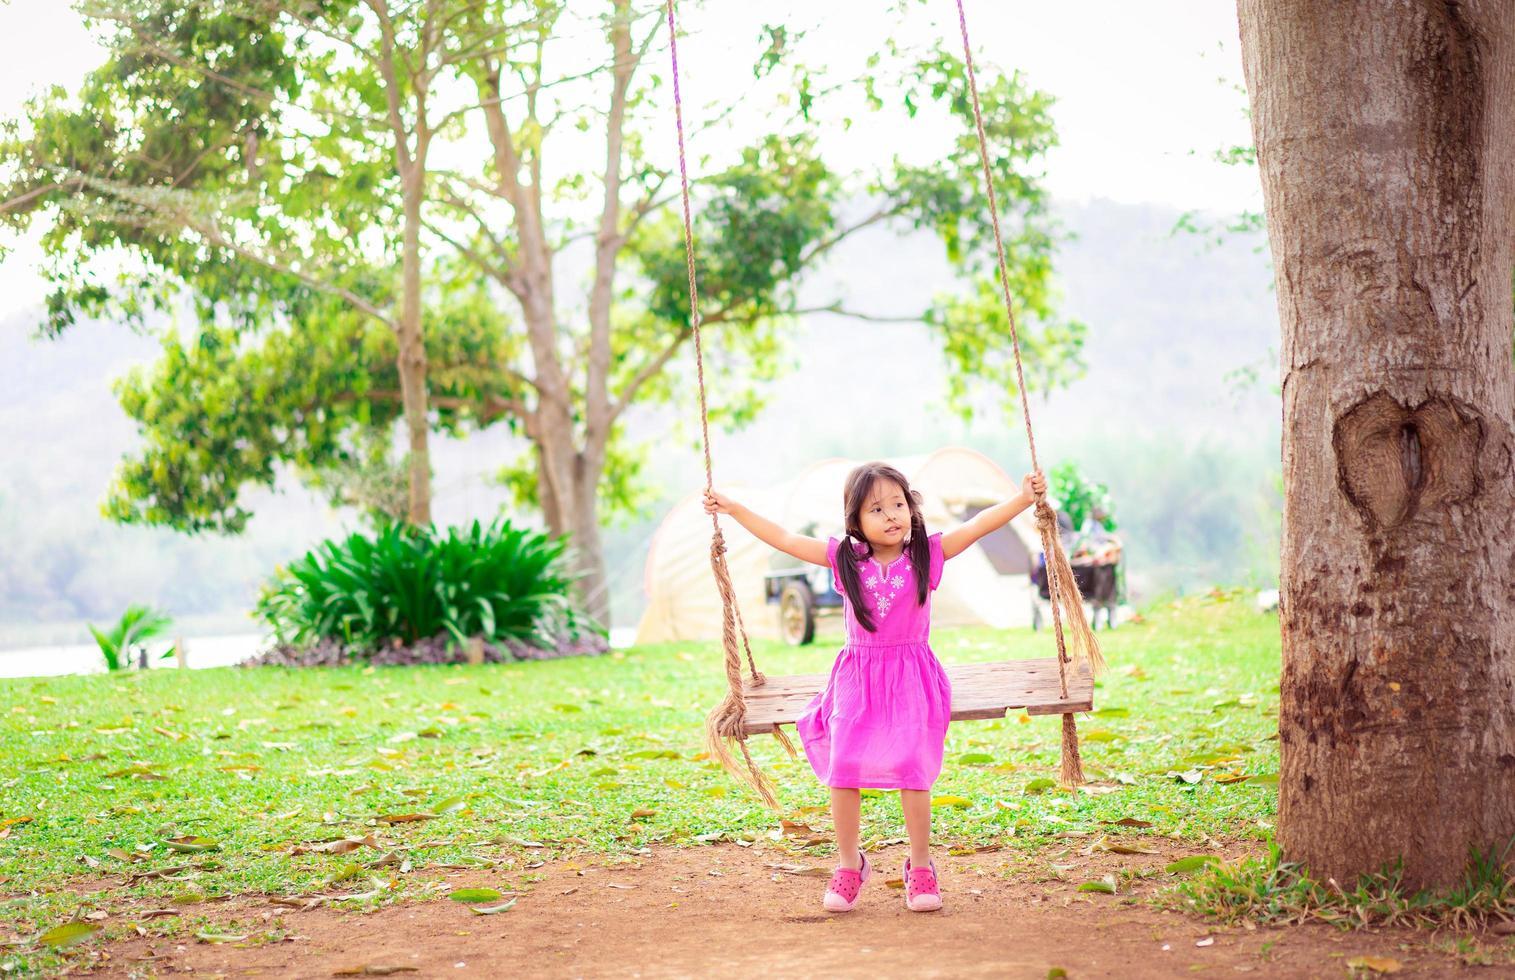 giovane ragazza asiatica nell'oscillazione dell'albero foto